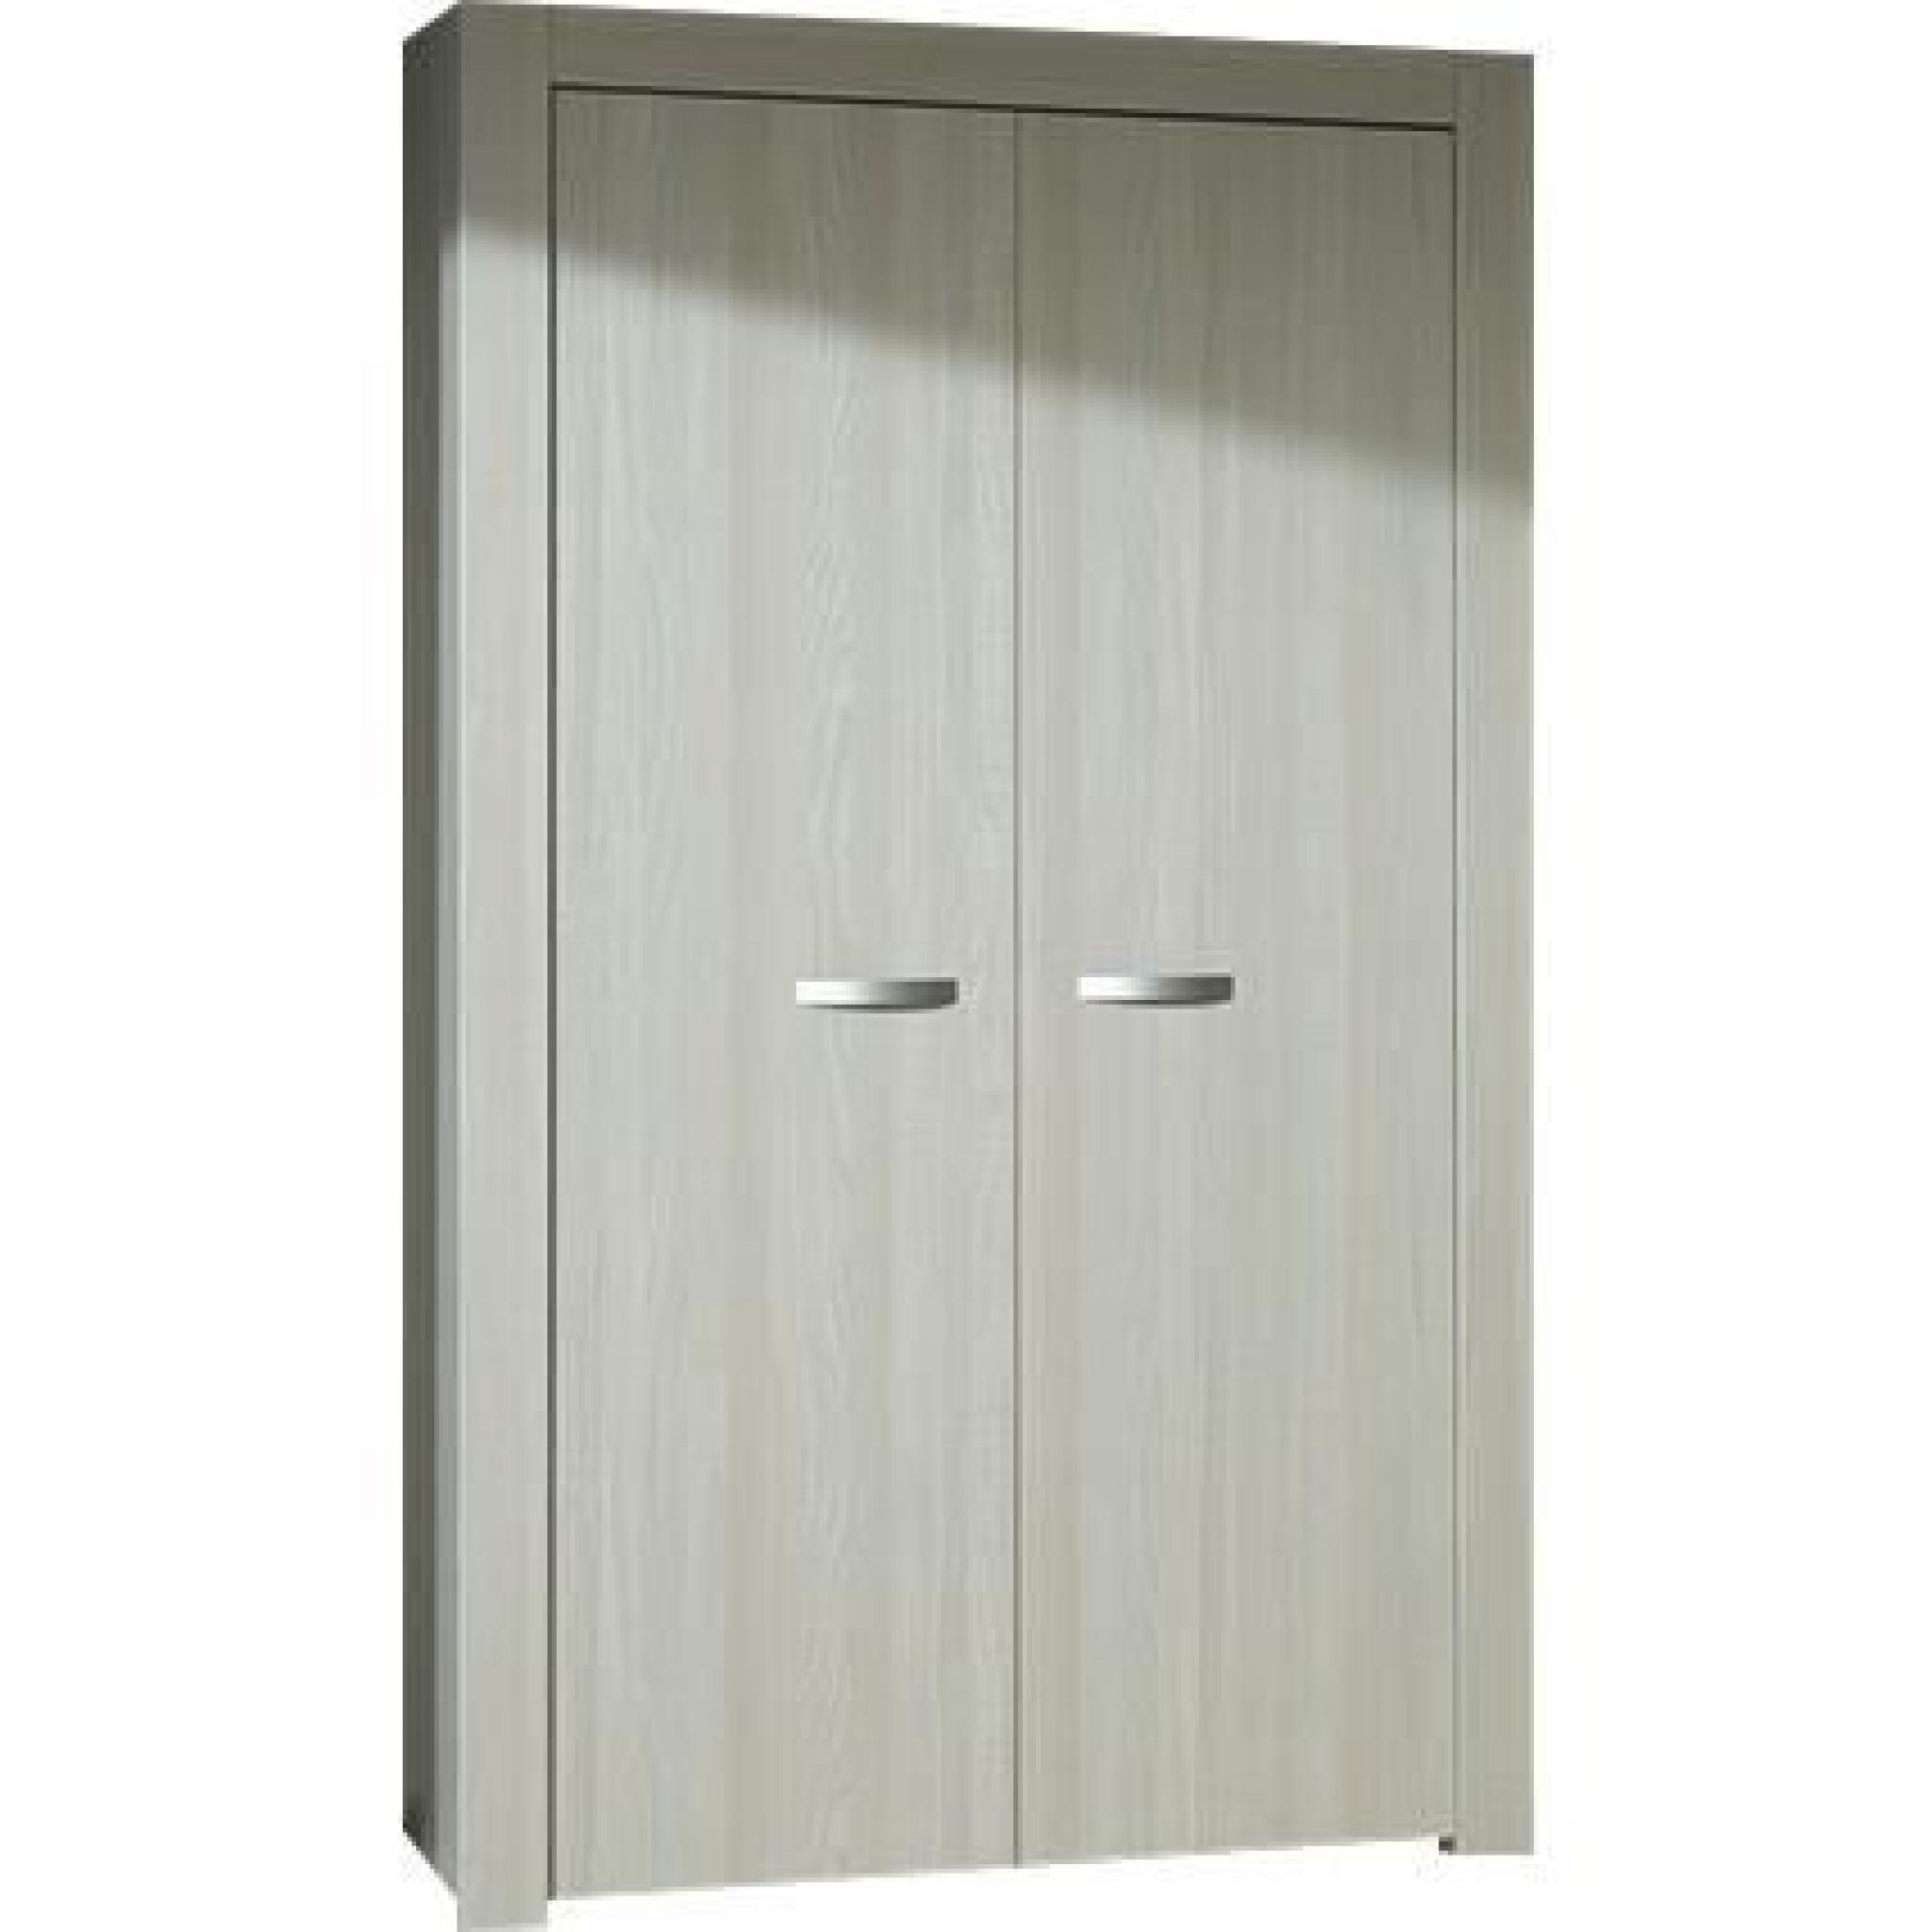 Armoire de rangement 2 portes 108cm moderne coloris gris boisé